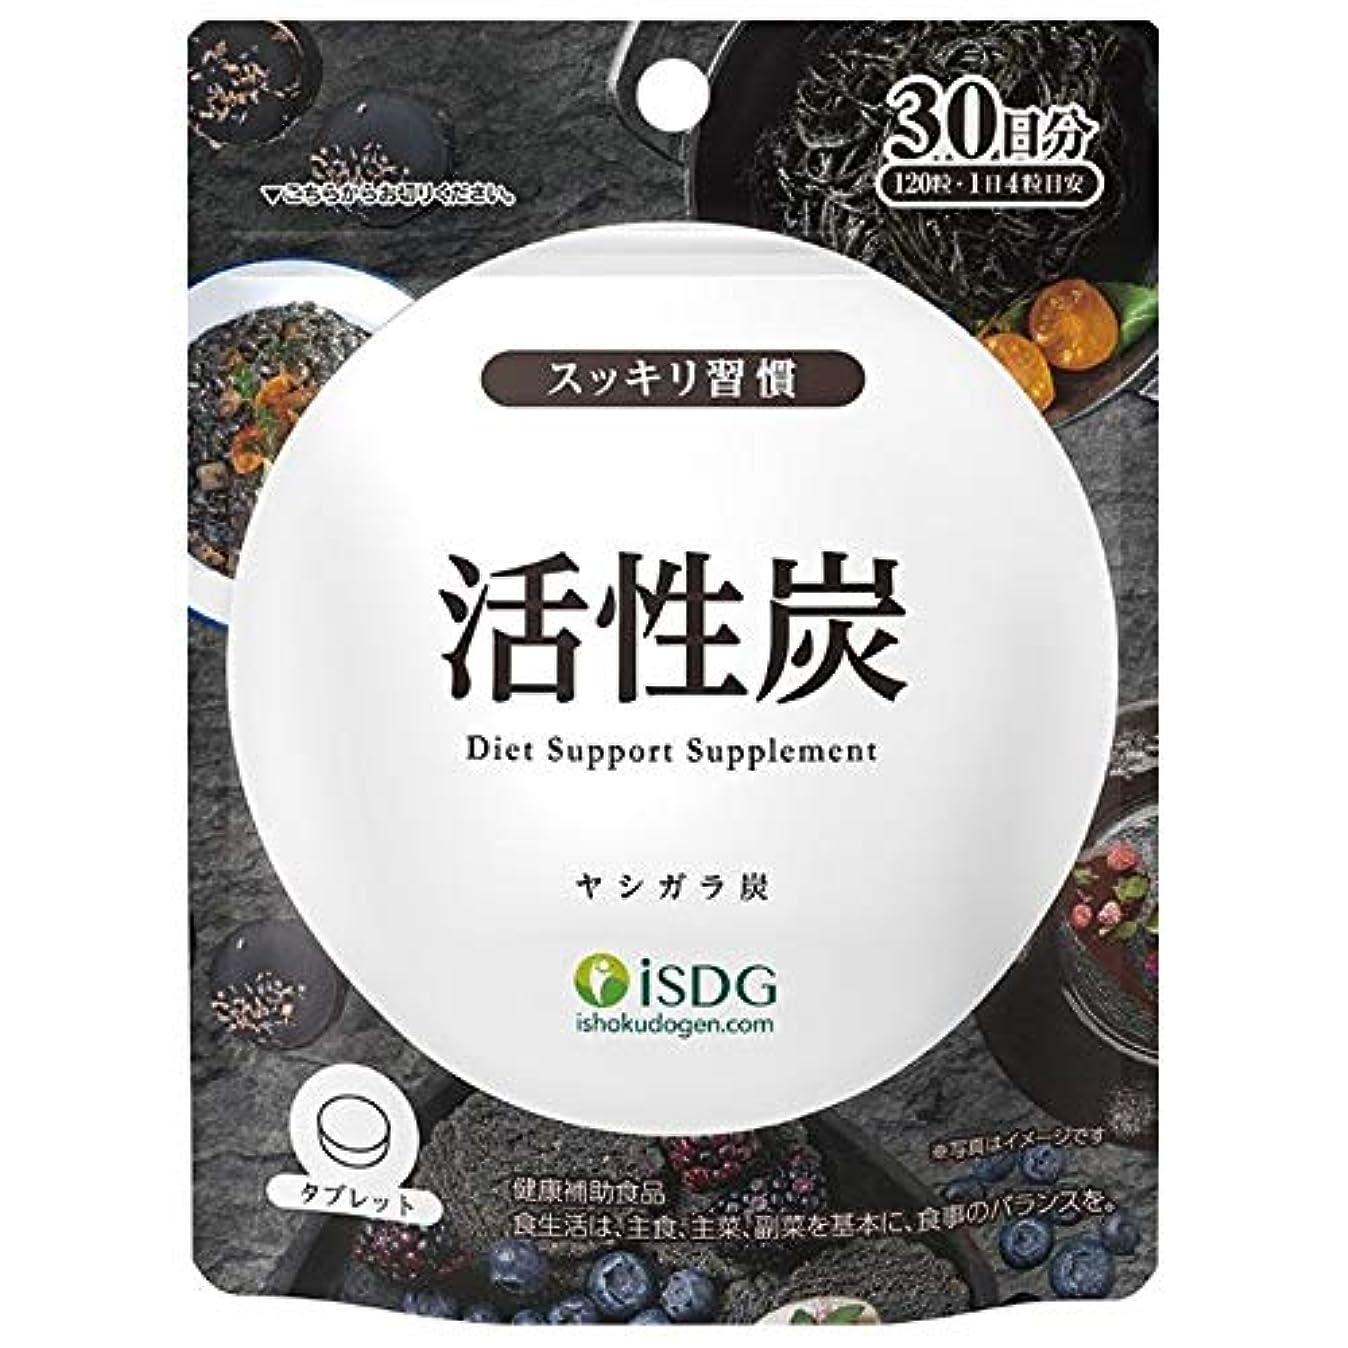 方言ポインタスプリットISDG 医食同源ドットコム 活性炭 [ヤシガラ炭 400mg配合/4粒] 120粒 30日分